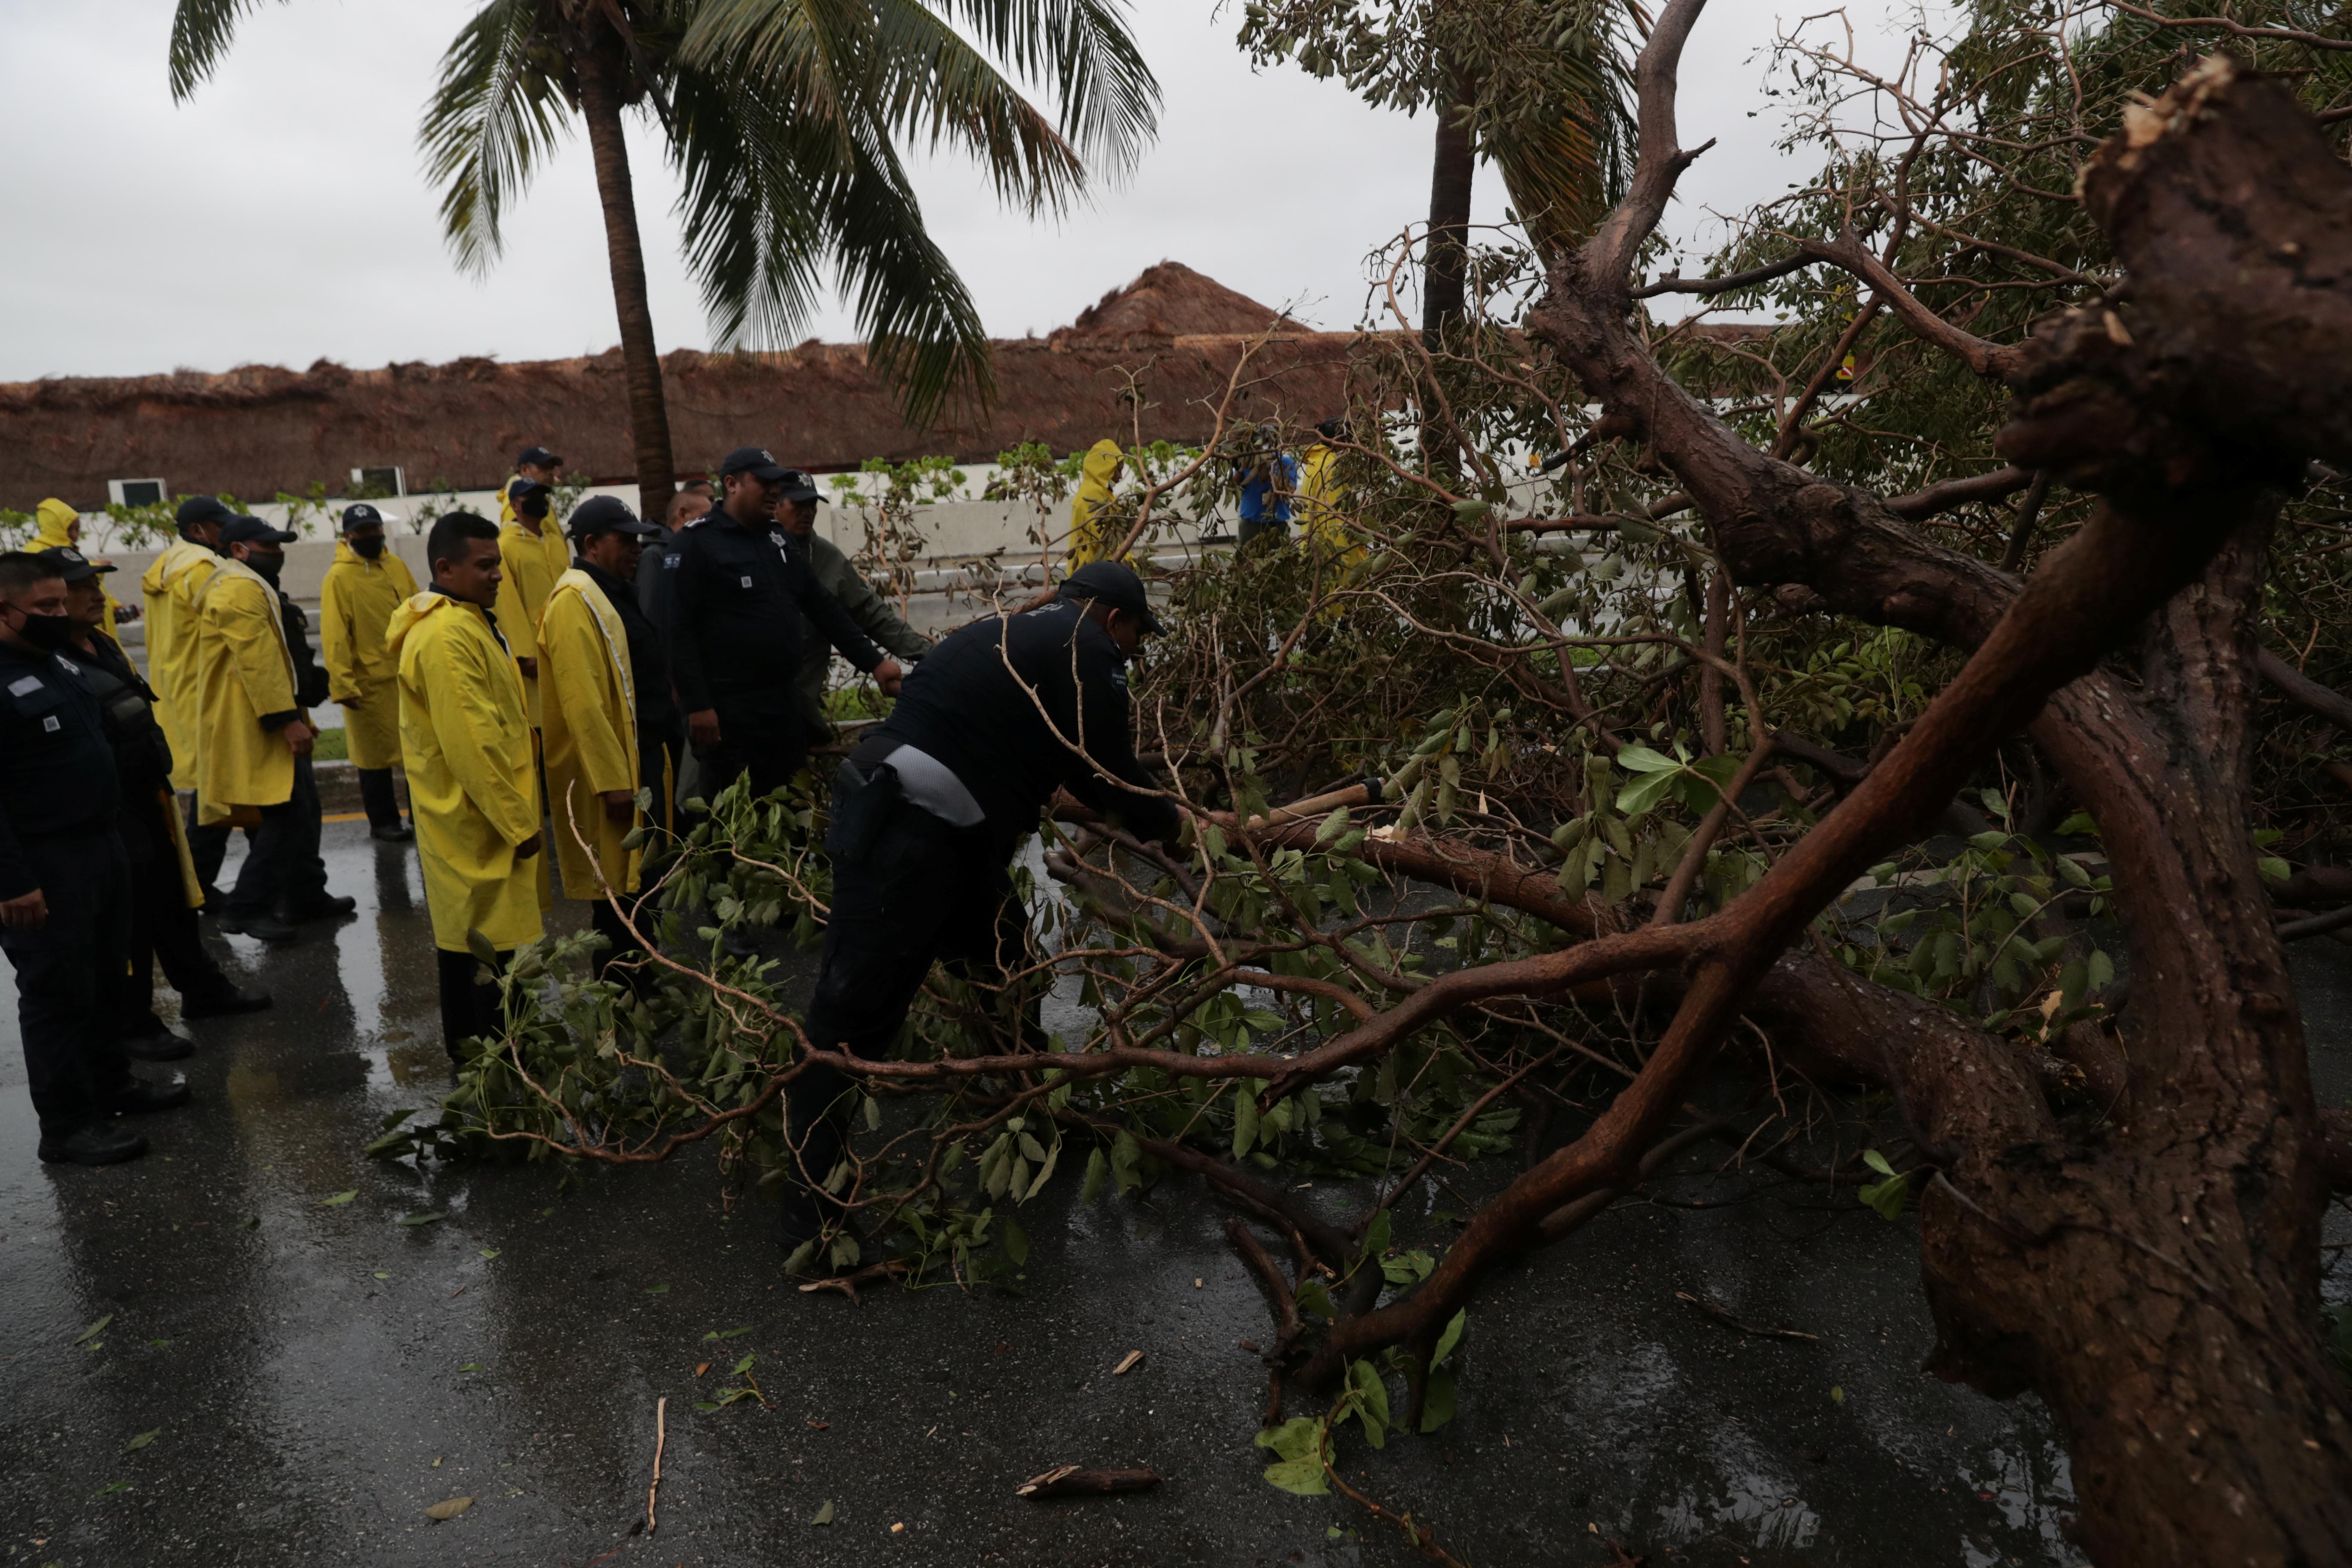 Agentes de policía retiran ramas de un árbol tras el paso del huracán Delta, en el estado de Quintana Roo, en Cancún, México, el 7 de octubre de 2020.